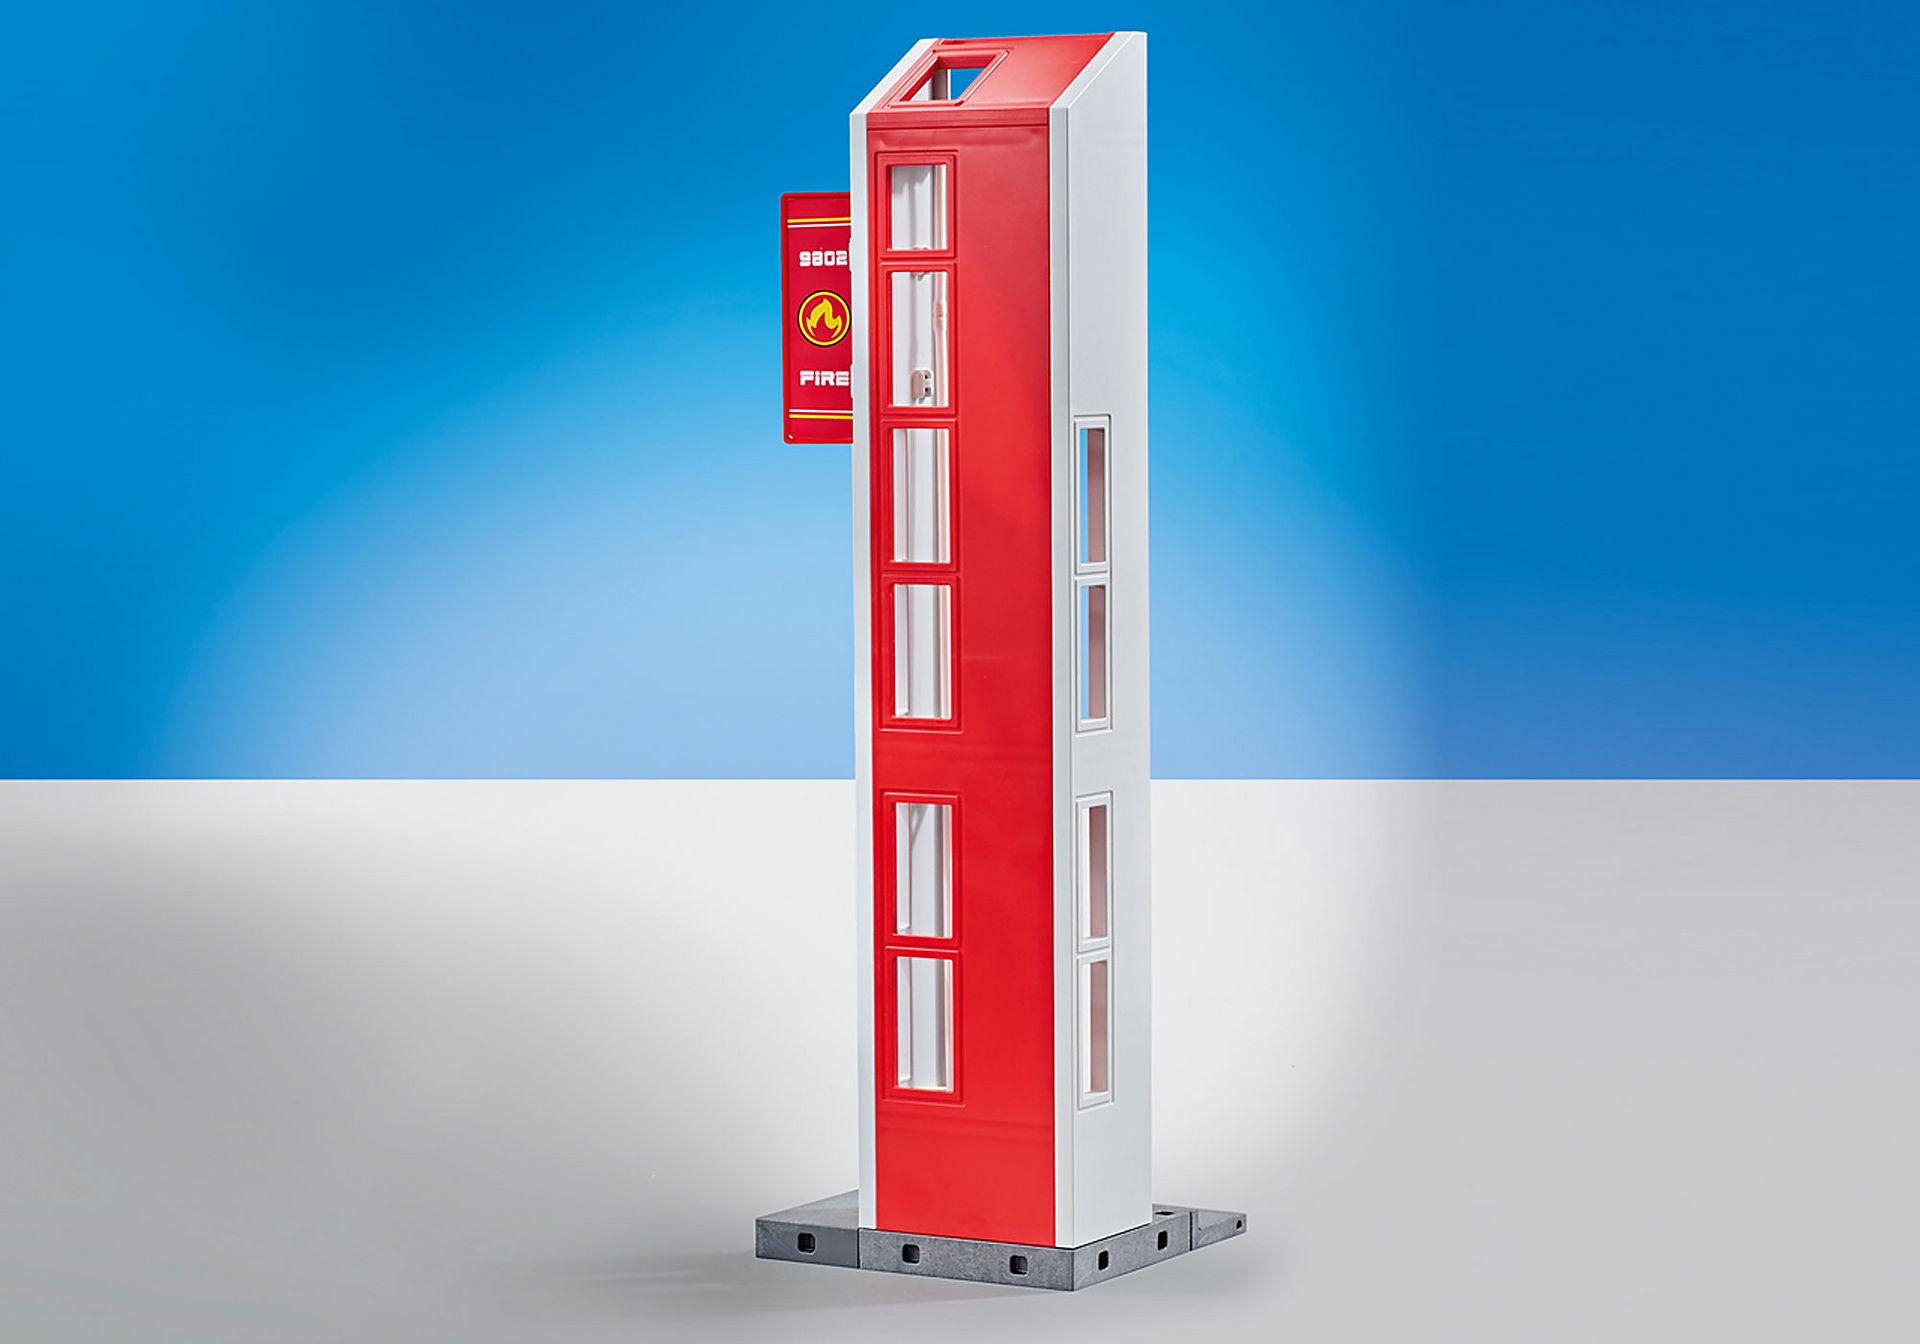 9802 Rozbudowa - wieża straży pożarnej zoom image1